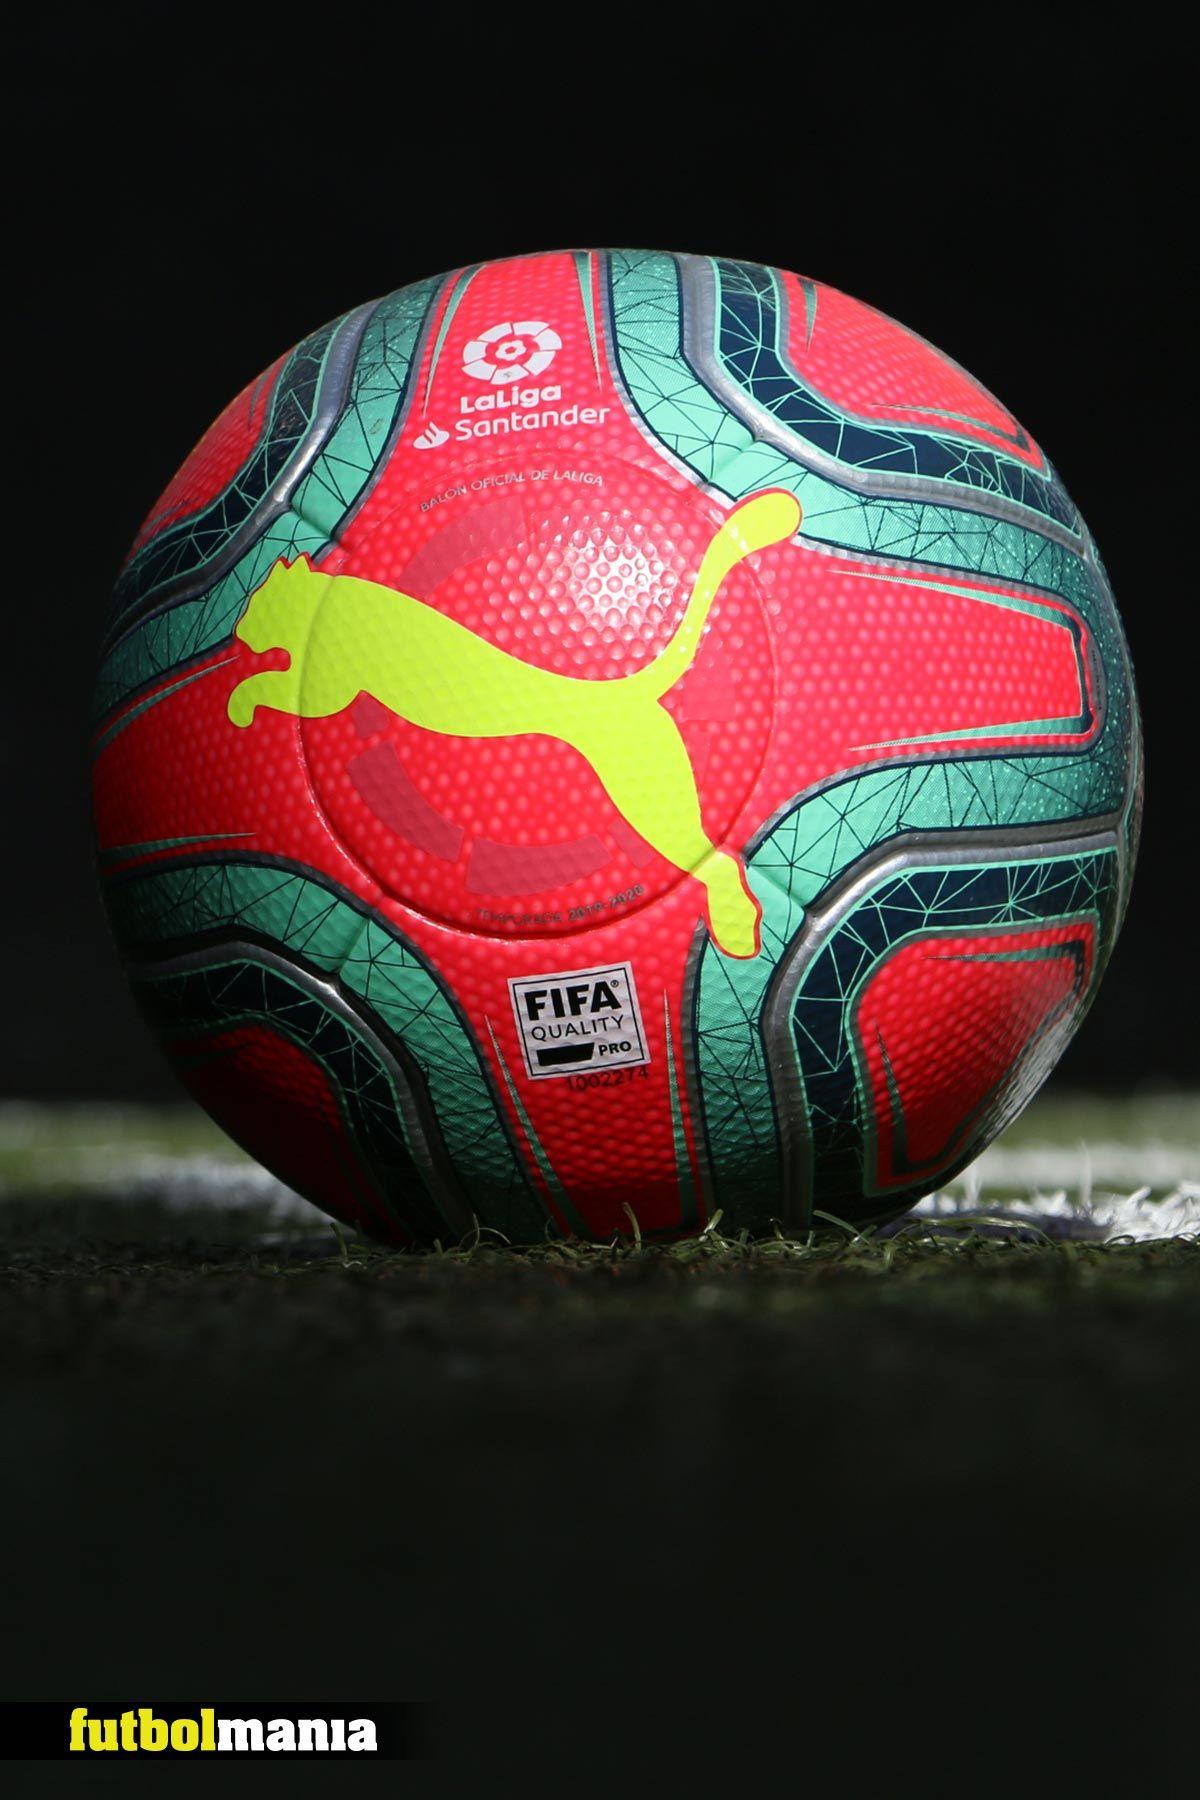 Frustración Locura damnificados  Balón Puma La Liga 1 FIFA Pro talla 5 | Balones de futbol adidas, Balones,  Pelota de fútbol